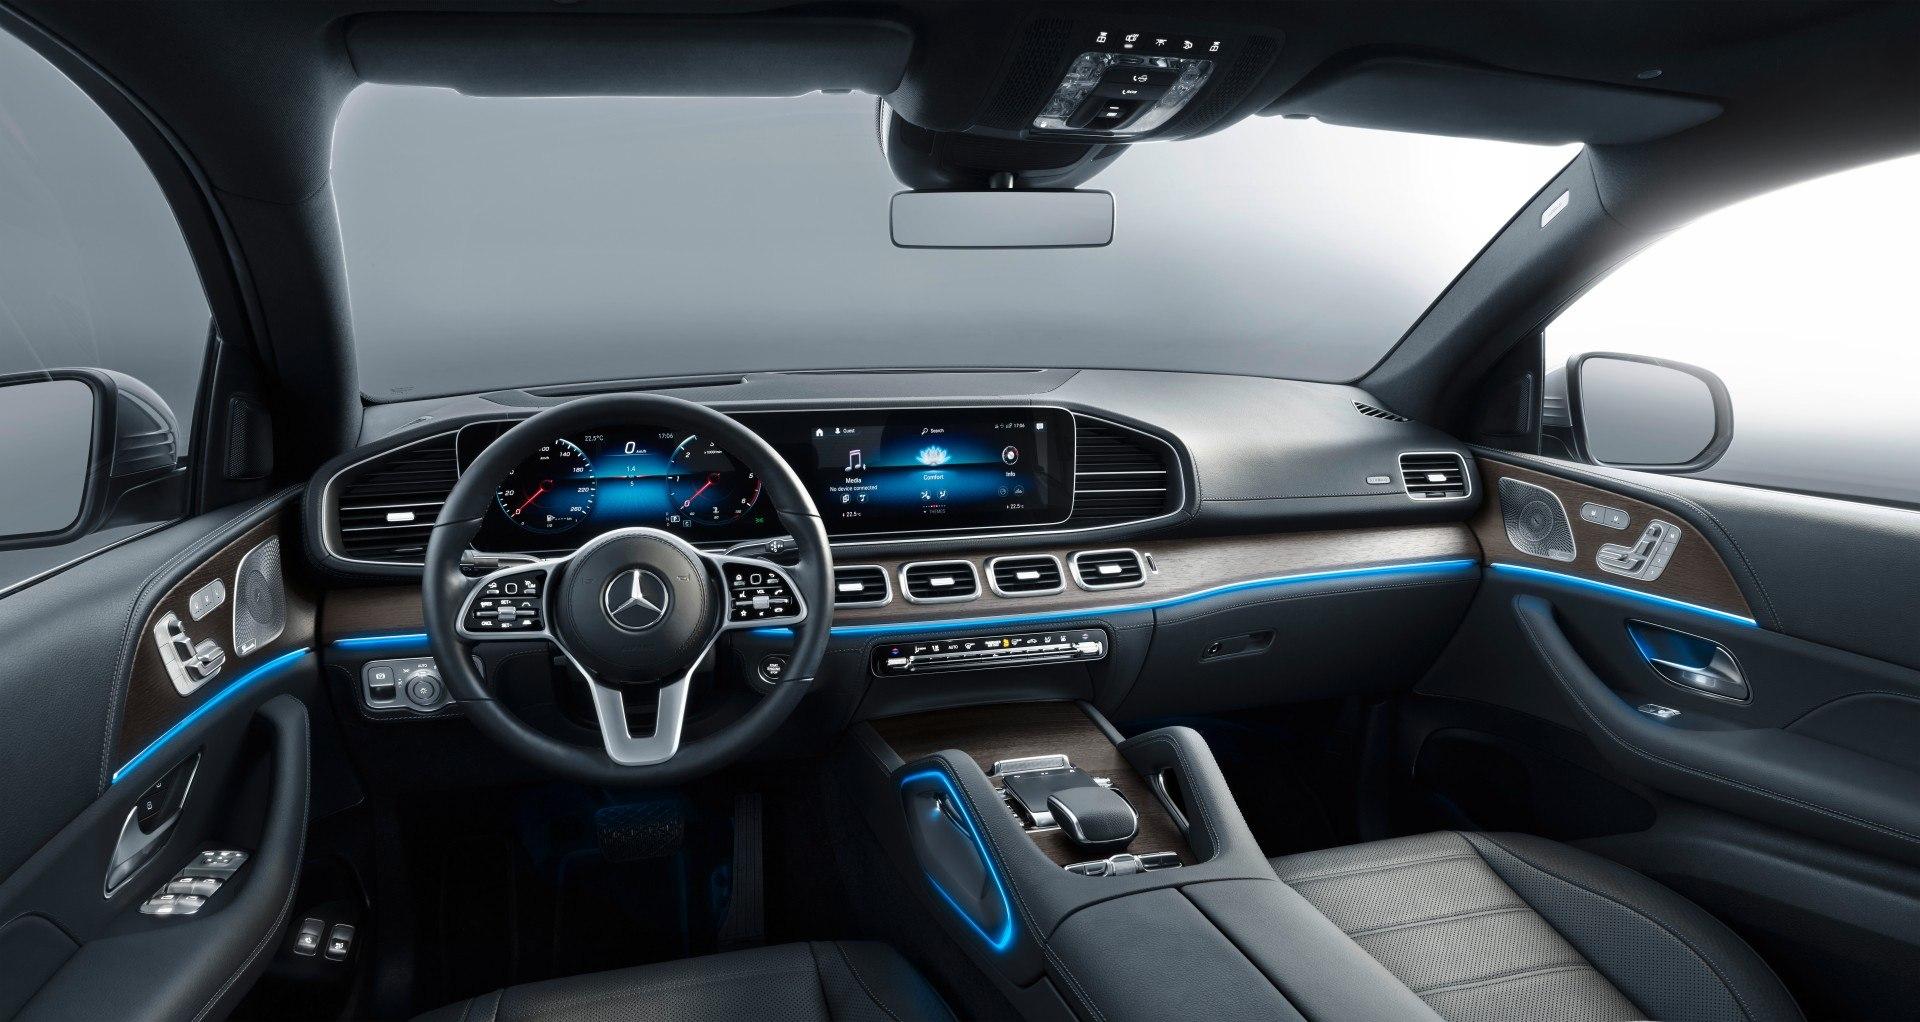 Mercedes Benz GLE Coupé (12)